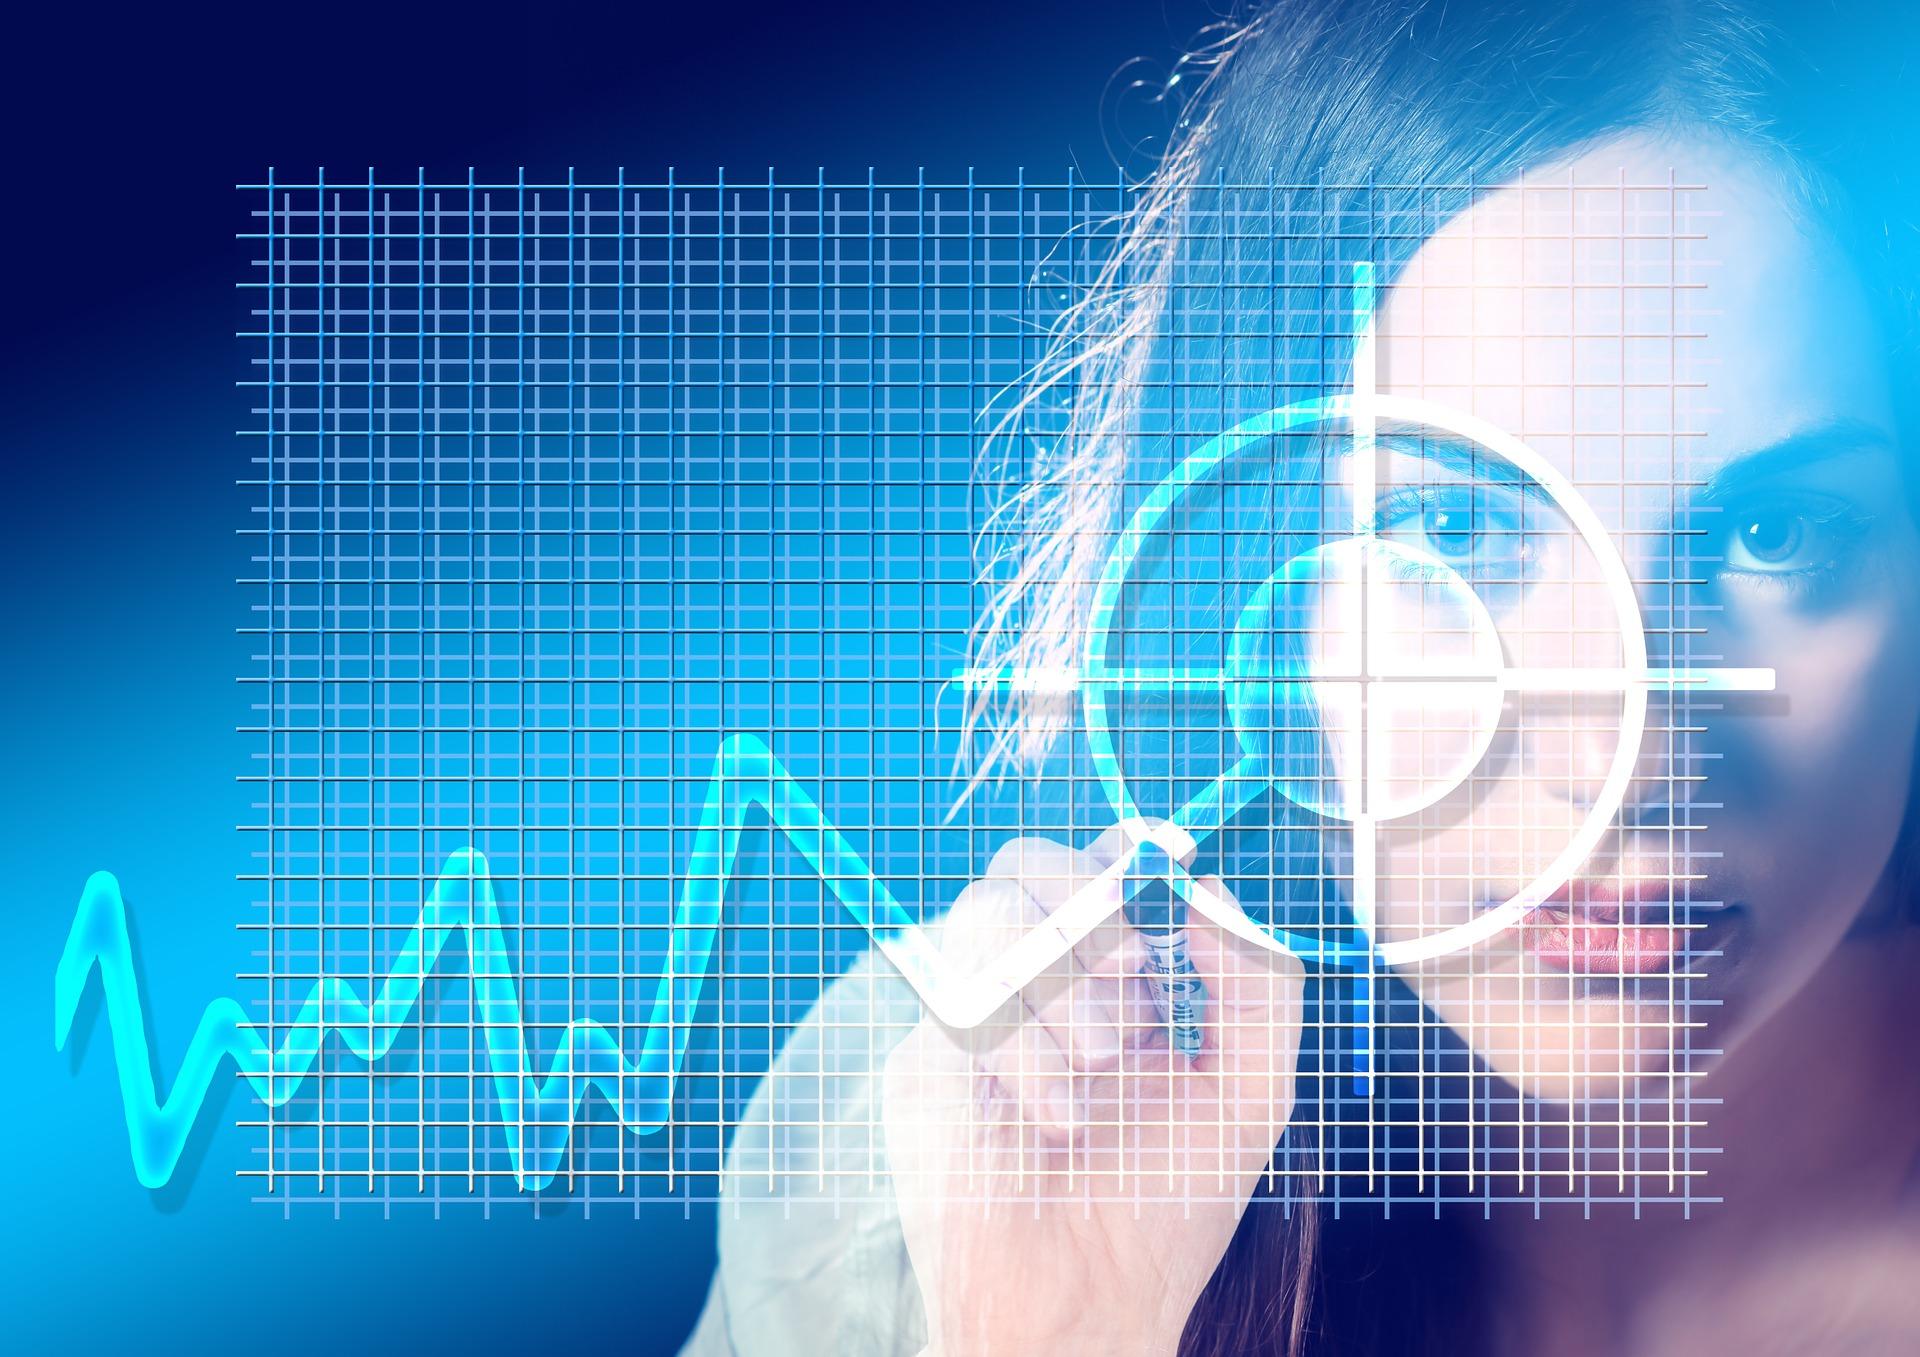 スキルにふさわしい市場を見つける方法